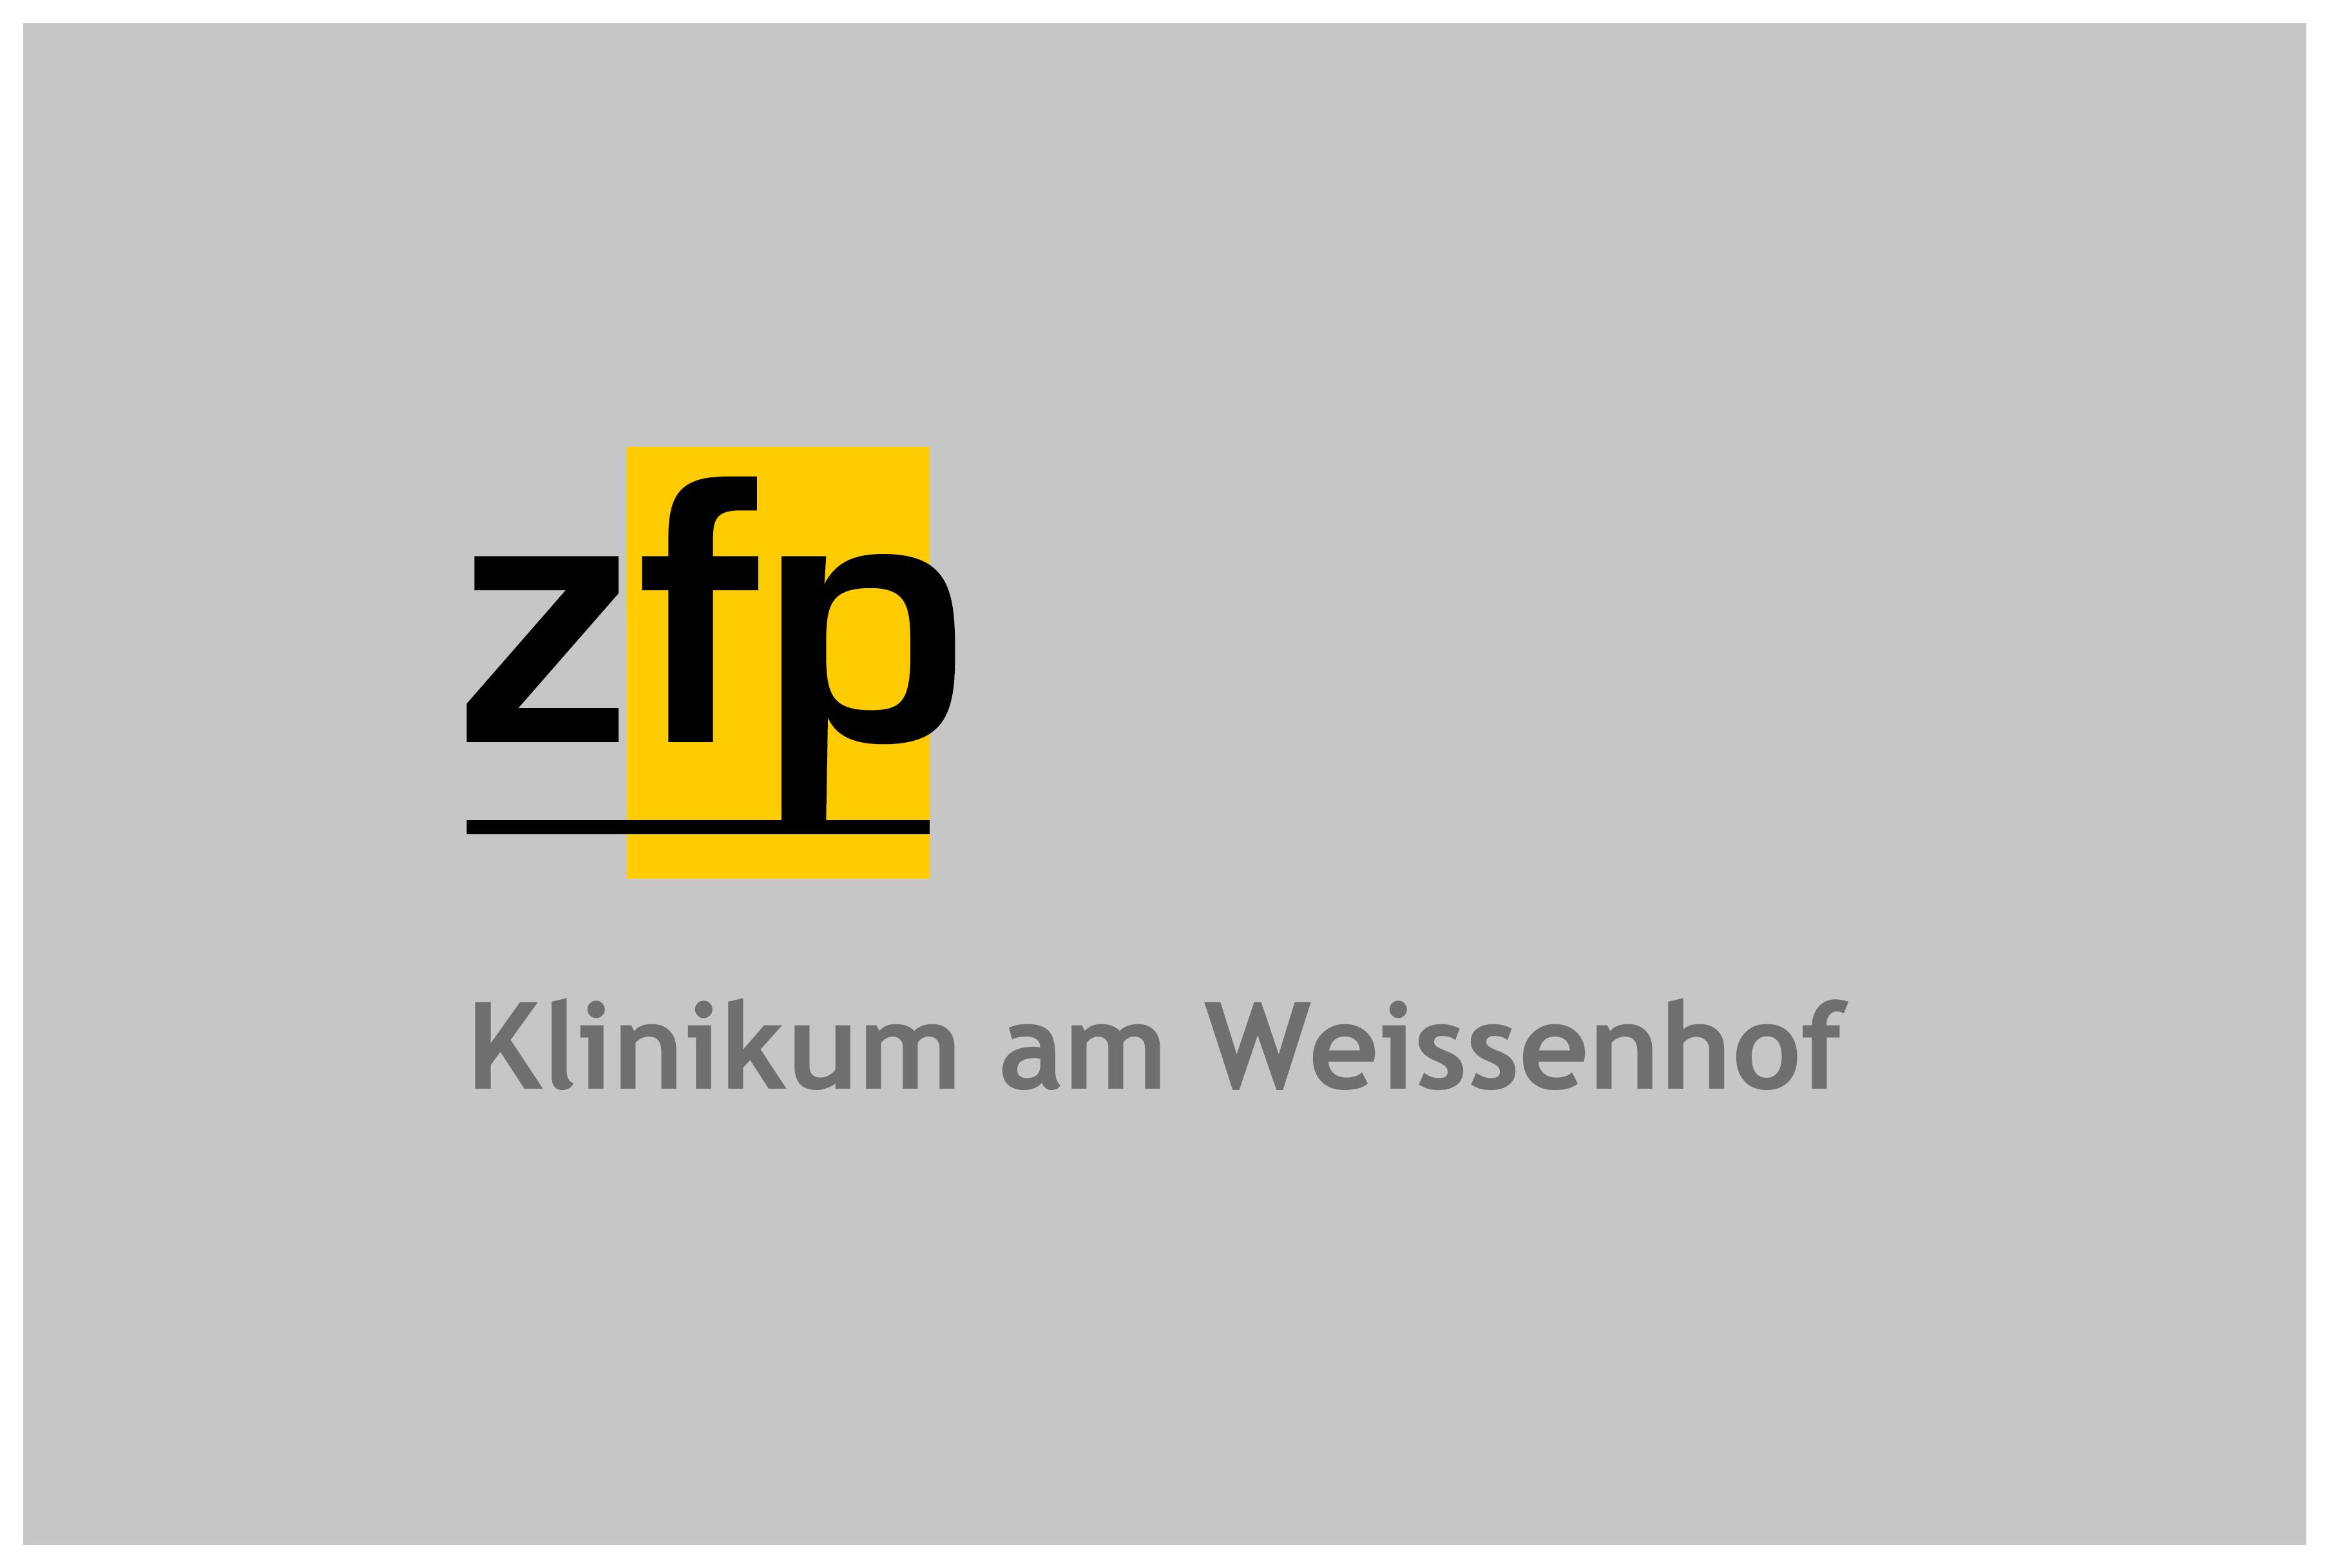 Klinikum_Weissenhof